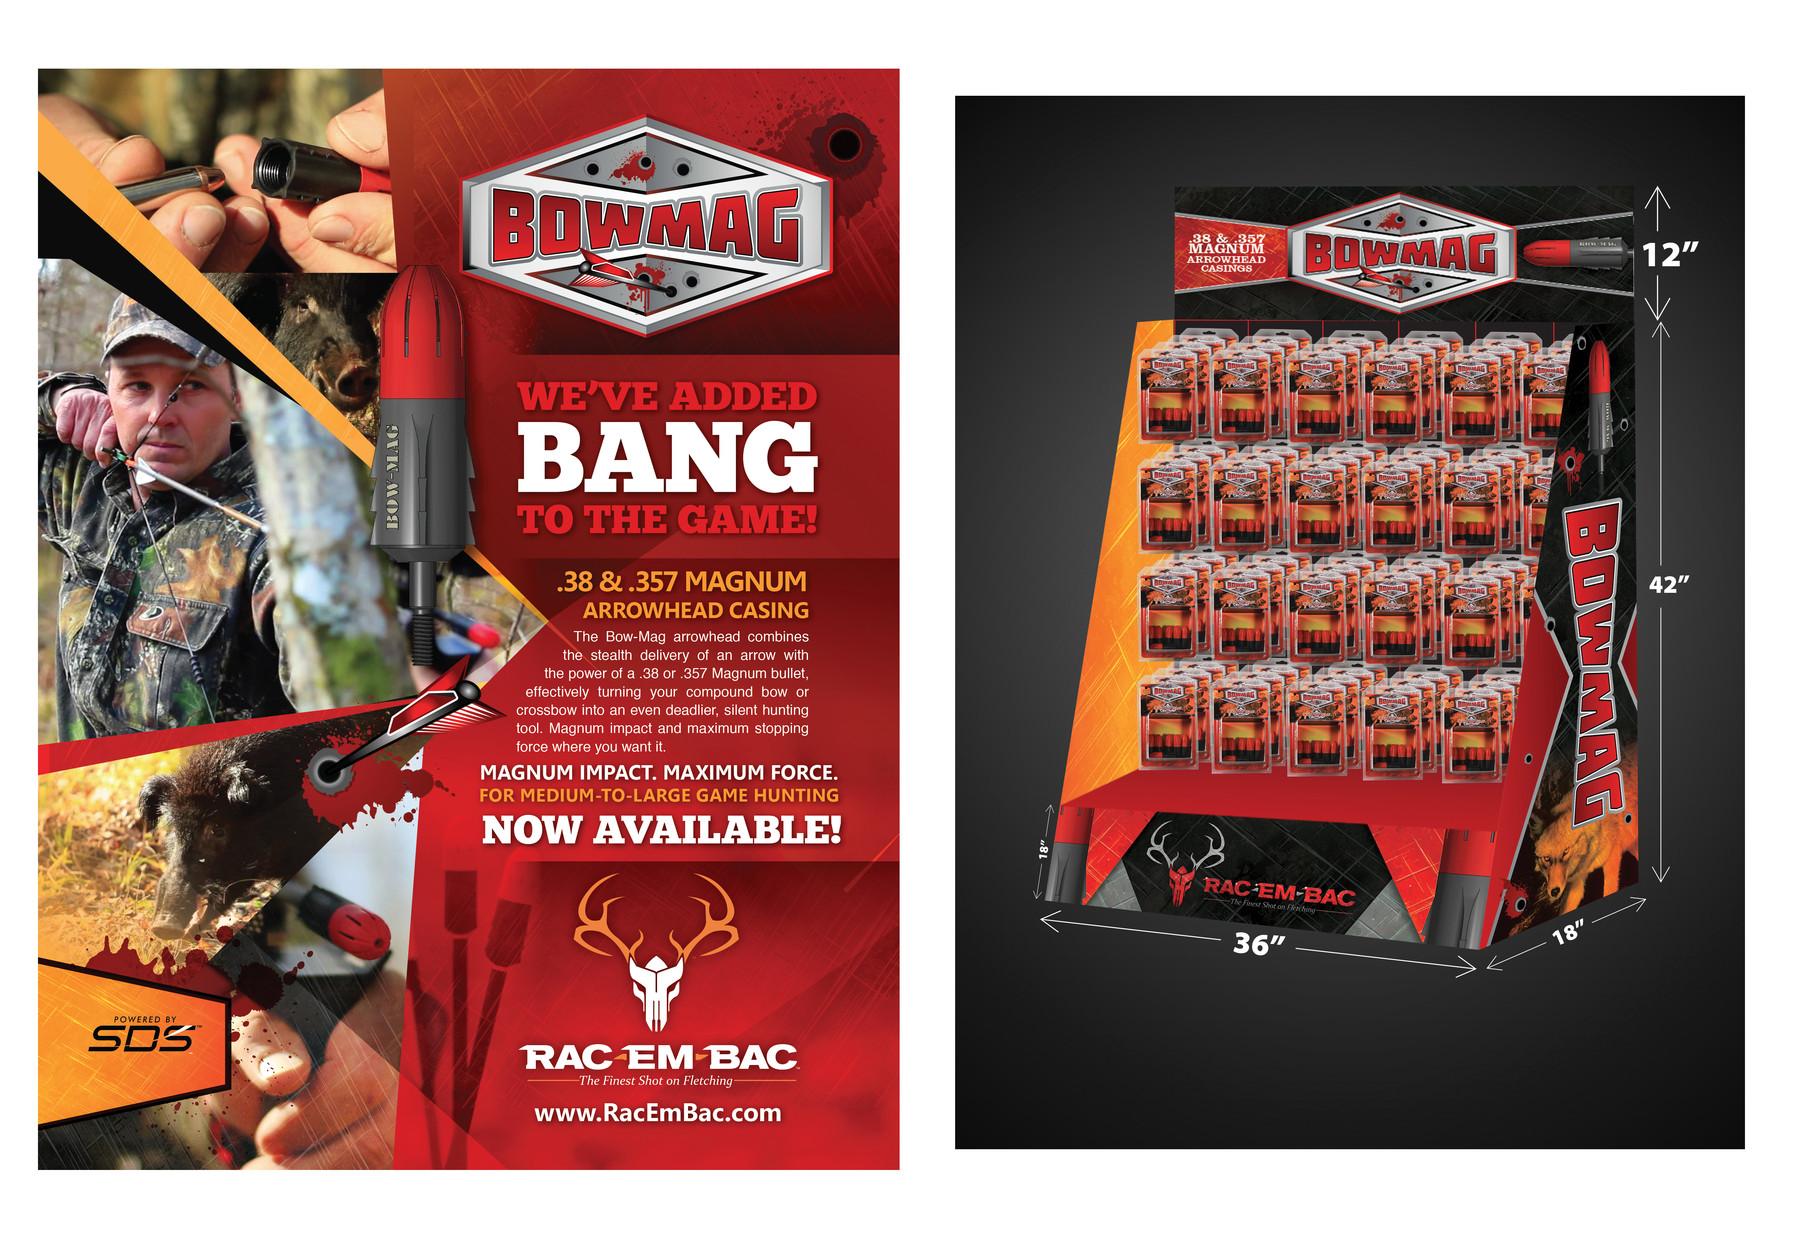 Rac-Em-Bac Bow-Mag Campaign - Silver ADDY©